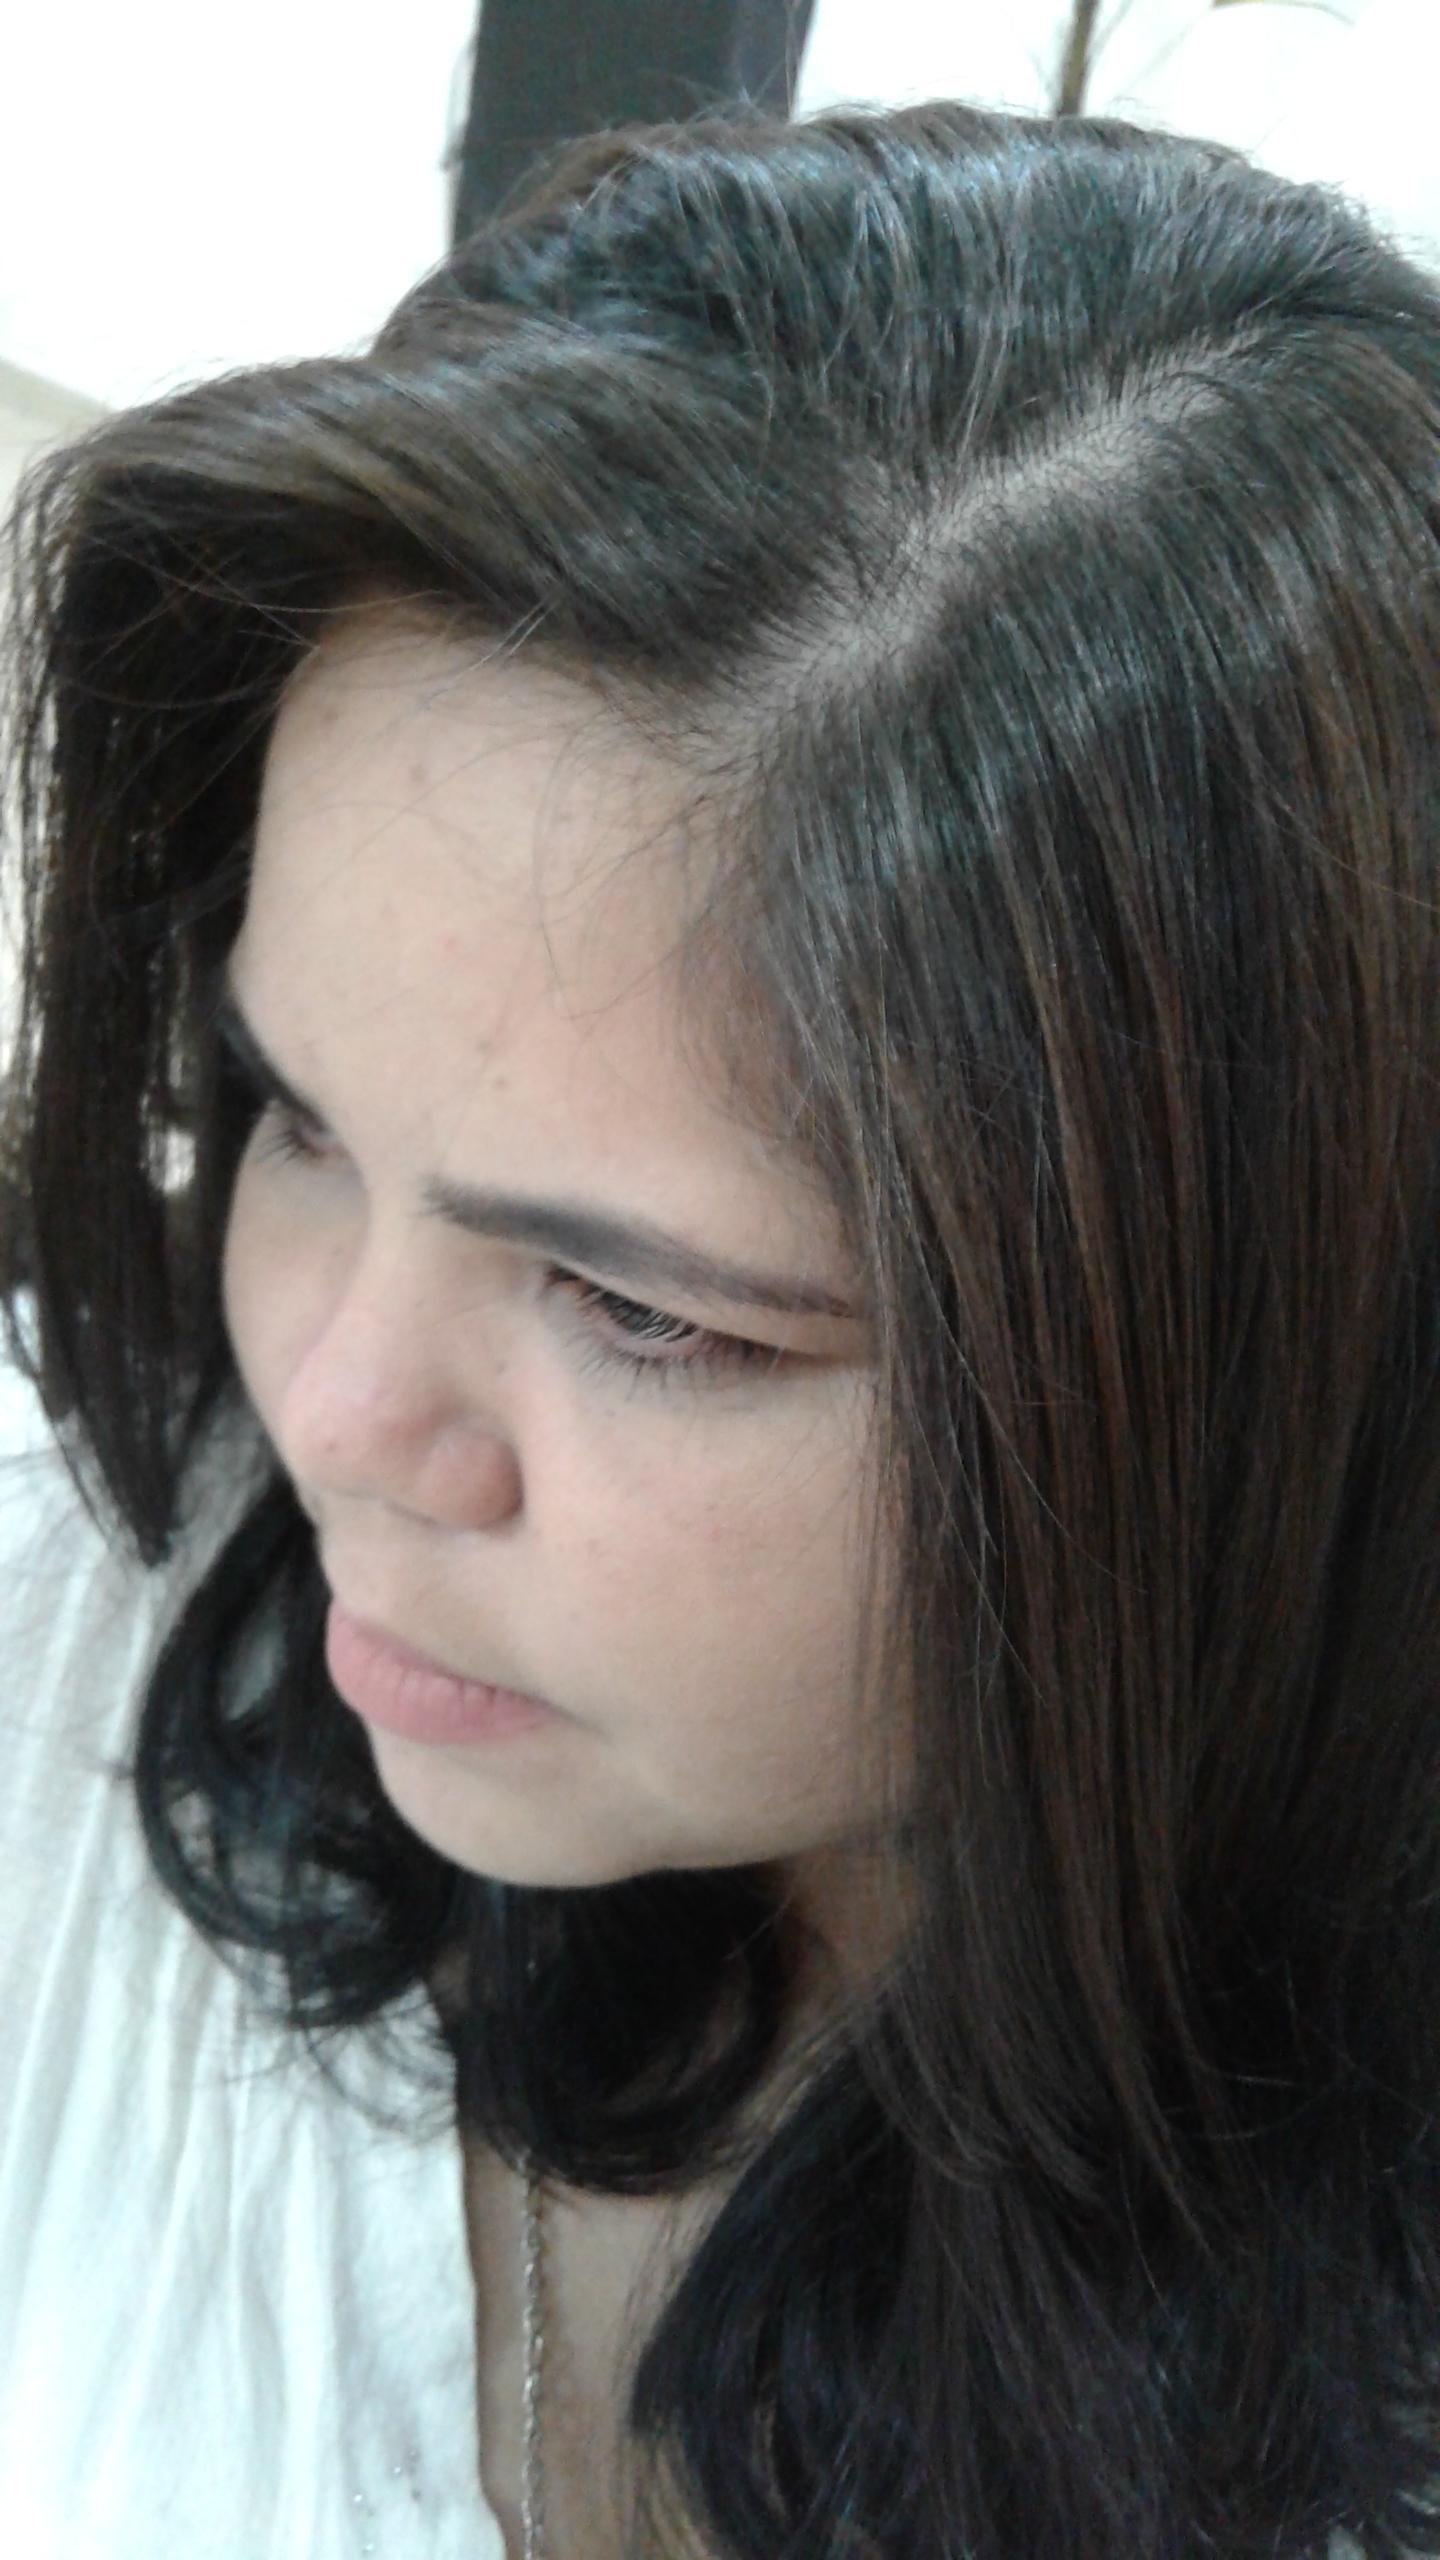 Luzes e escova  cabelo auxiliar cabeleireiro(a)